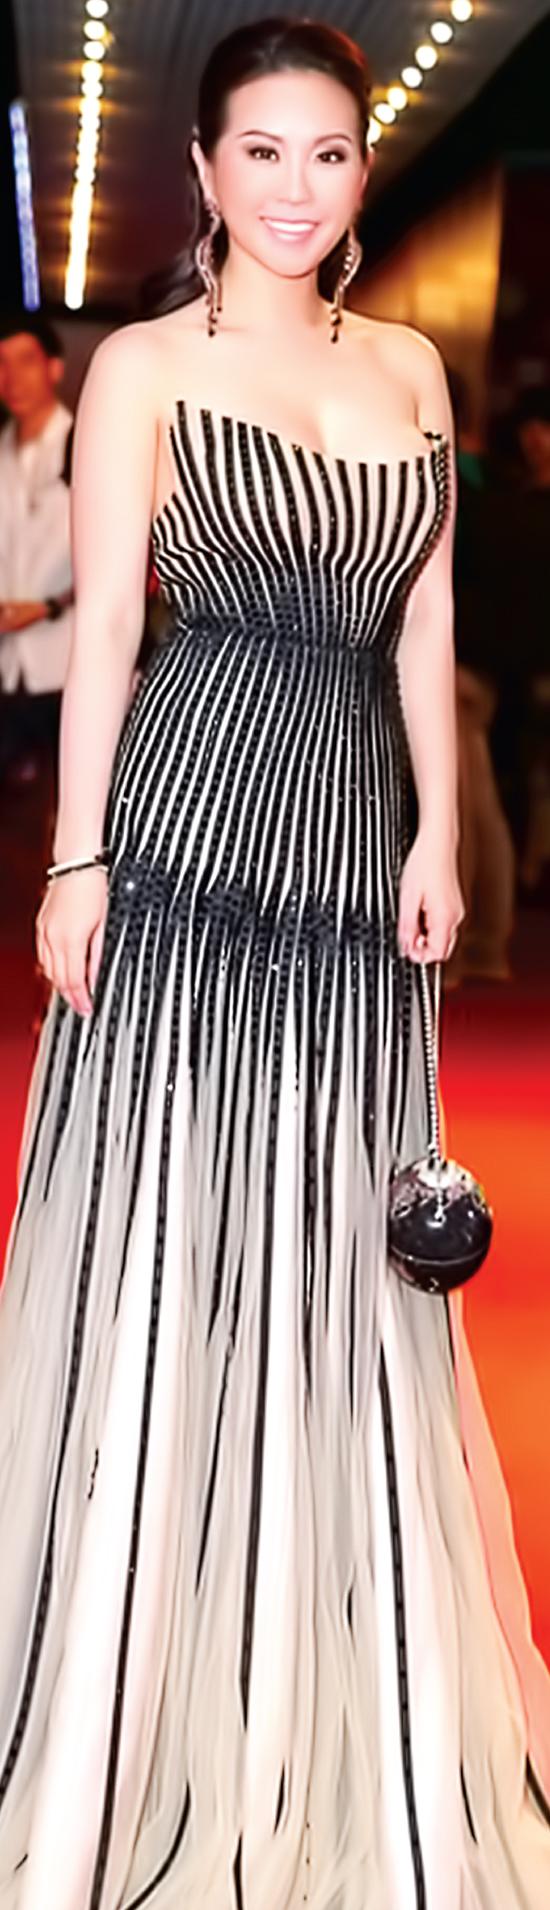 Hoa hậu Phu nhân-Doanh nhân Thu Hoài trong một thiết kế dạ tiệc của nhà thiết kế Công Trí có giá 1.500 đô la.